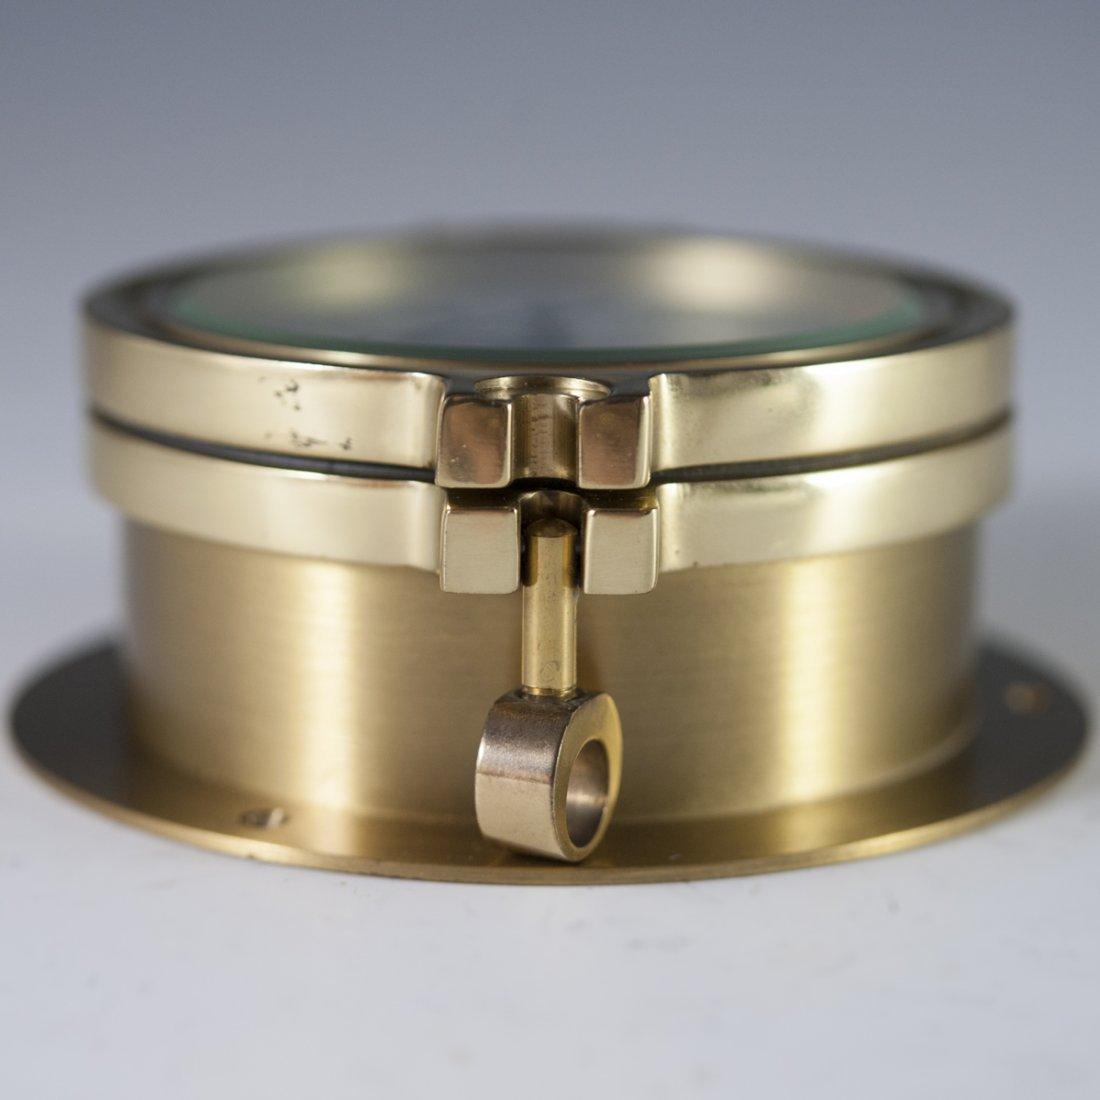 Wempe Chronometerwerke - 5